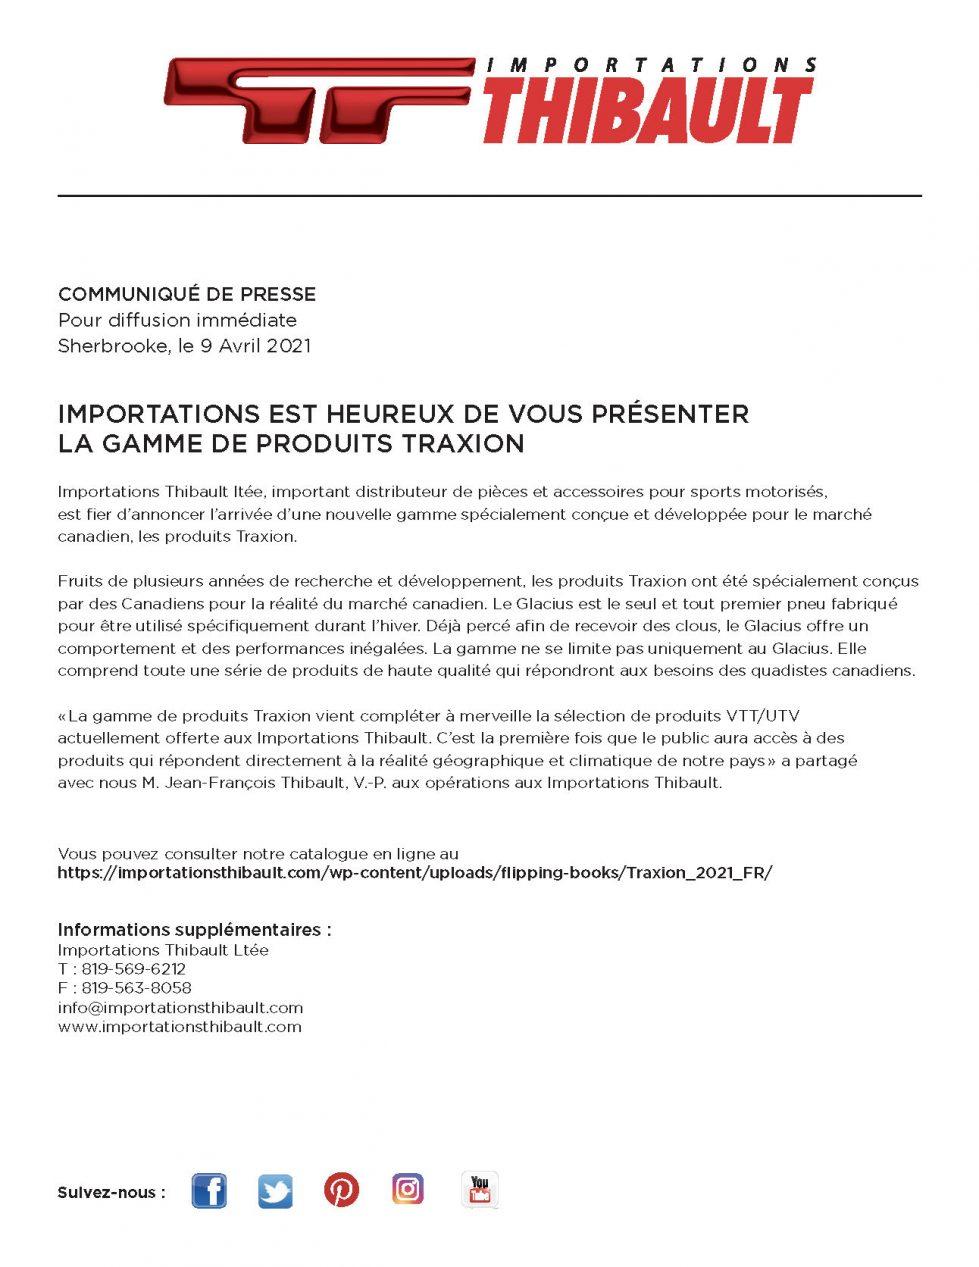 IMPORTATIONS EST HEUREUX DE VOUS PRÉSENTER LA GAMME DE PRODUITS TRAXION